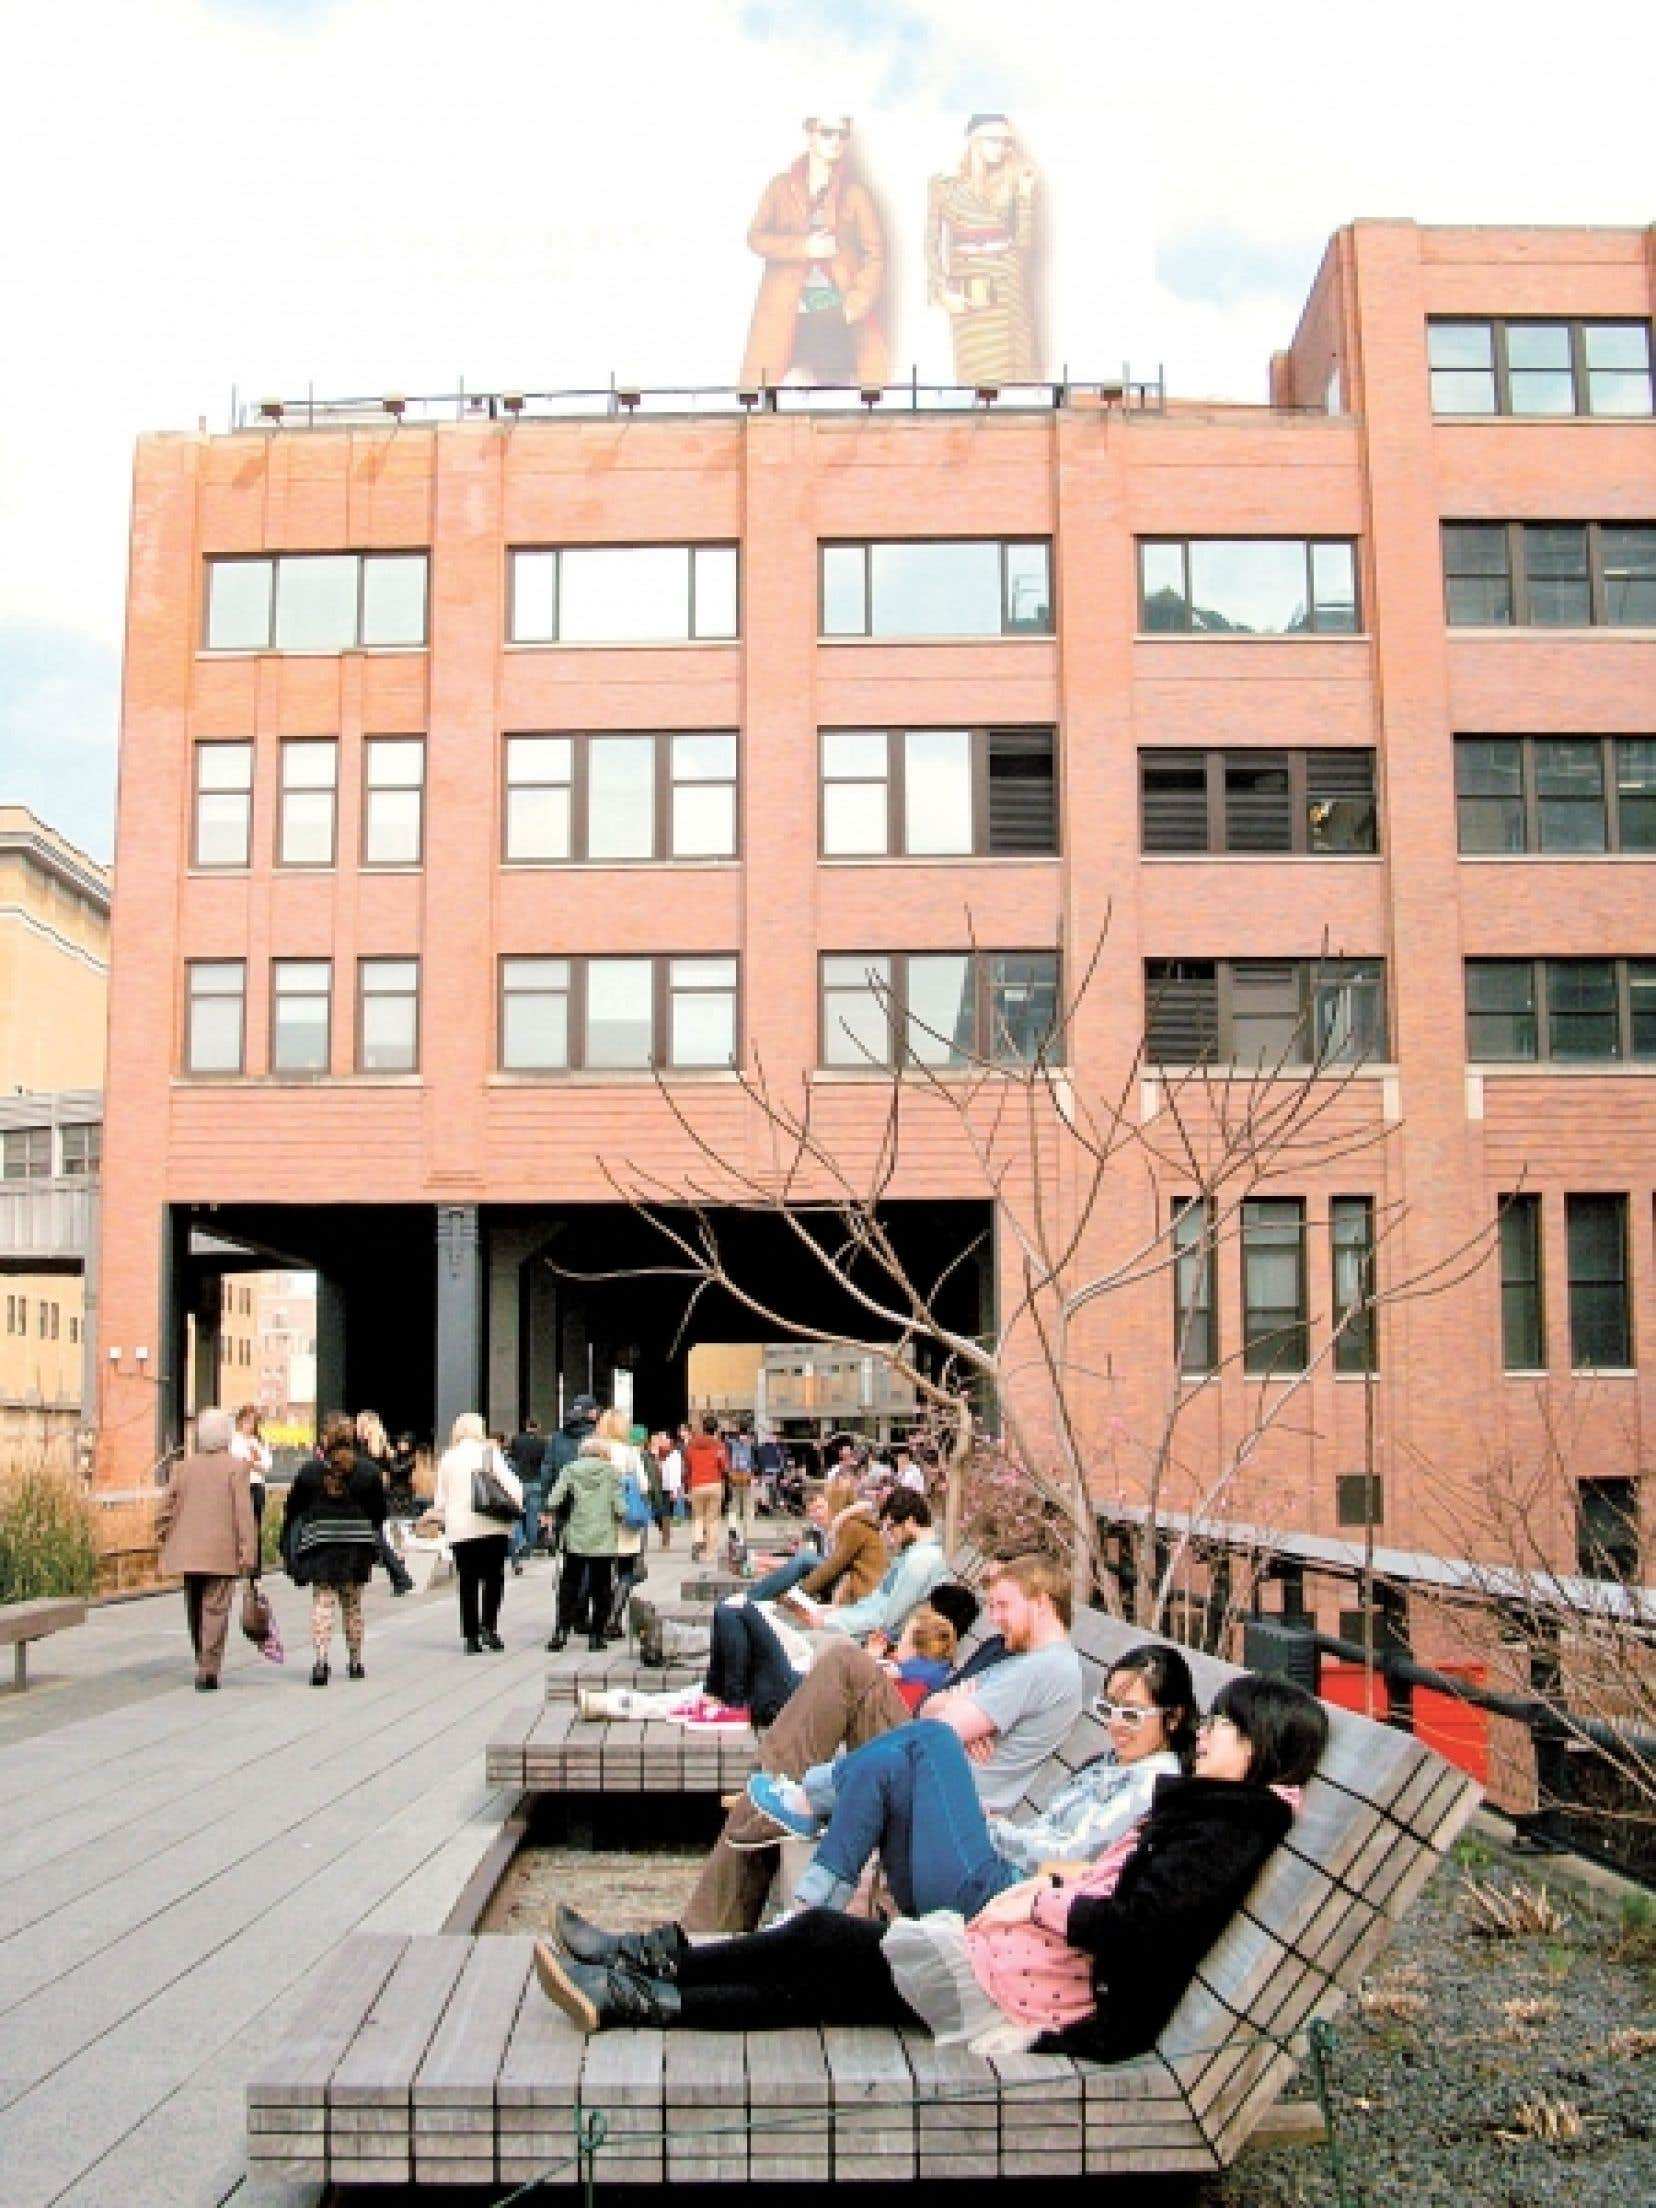 De belles pièces de mobilier urbain donnent envie de s'attarder dans le parc de la High Line, à New York.